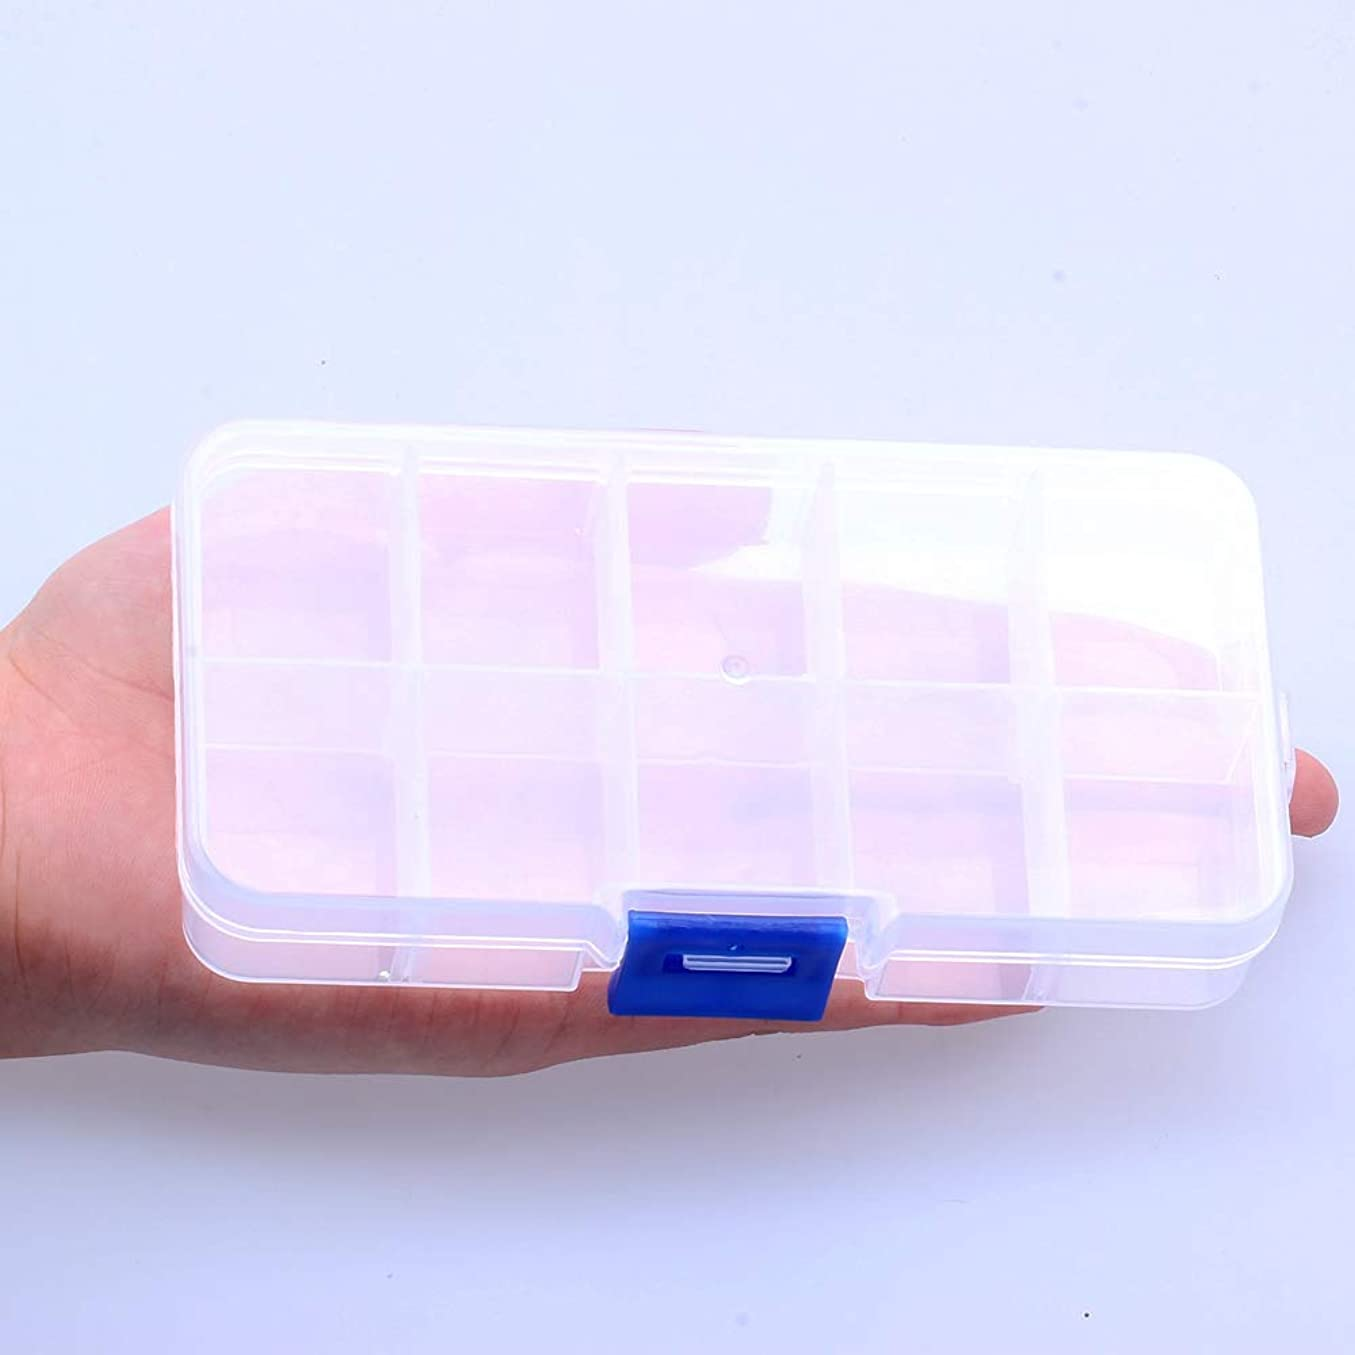 苗理論について10グリッド調節可能6x13センチメートルクリア矩形プラスチック収納ボックス小さなジュエリーのツールボックスクラフトビーズケースオーガナイザーストレージボックス